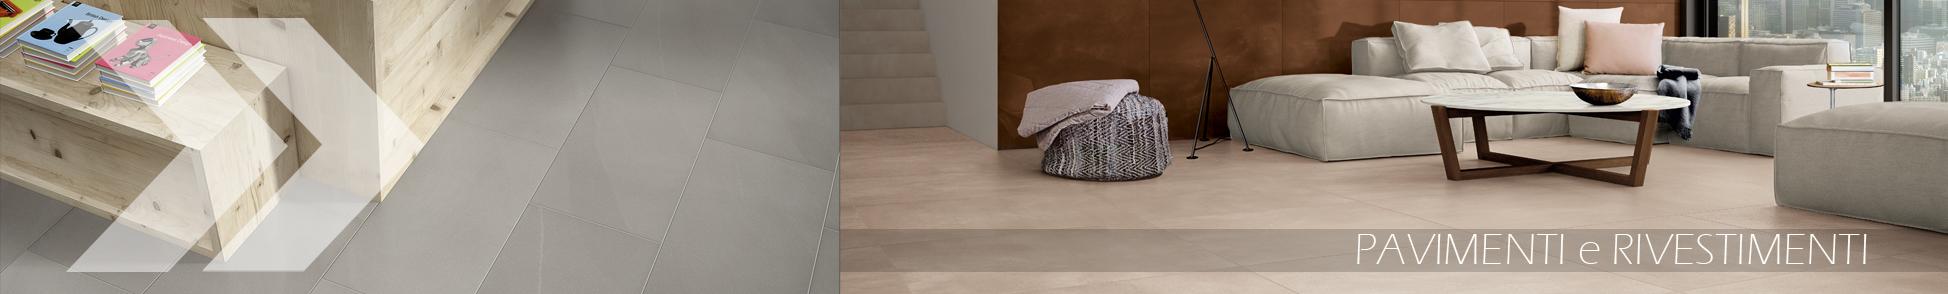 icos pavimenti e rivestimenti piastelle per bagno cucina per esterni effetto legno mobili da bagno parquet accessori bagno outlet marazzi torino